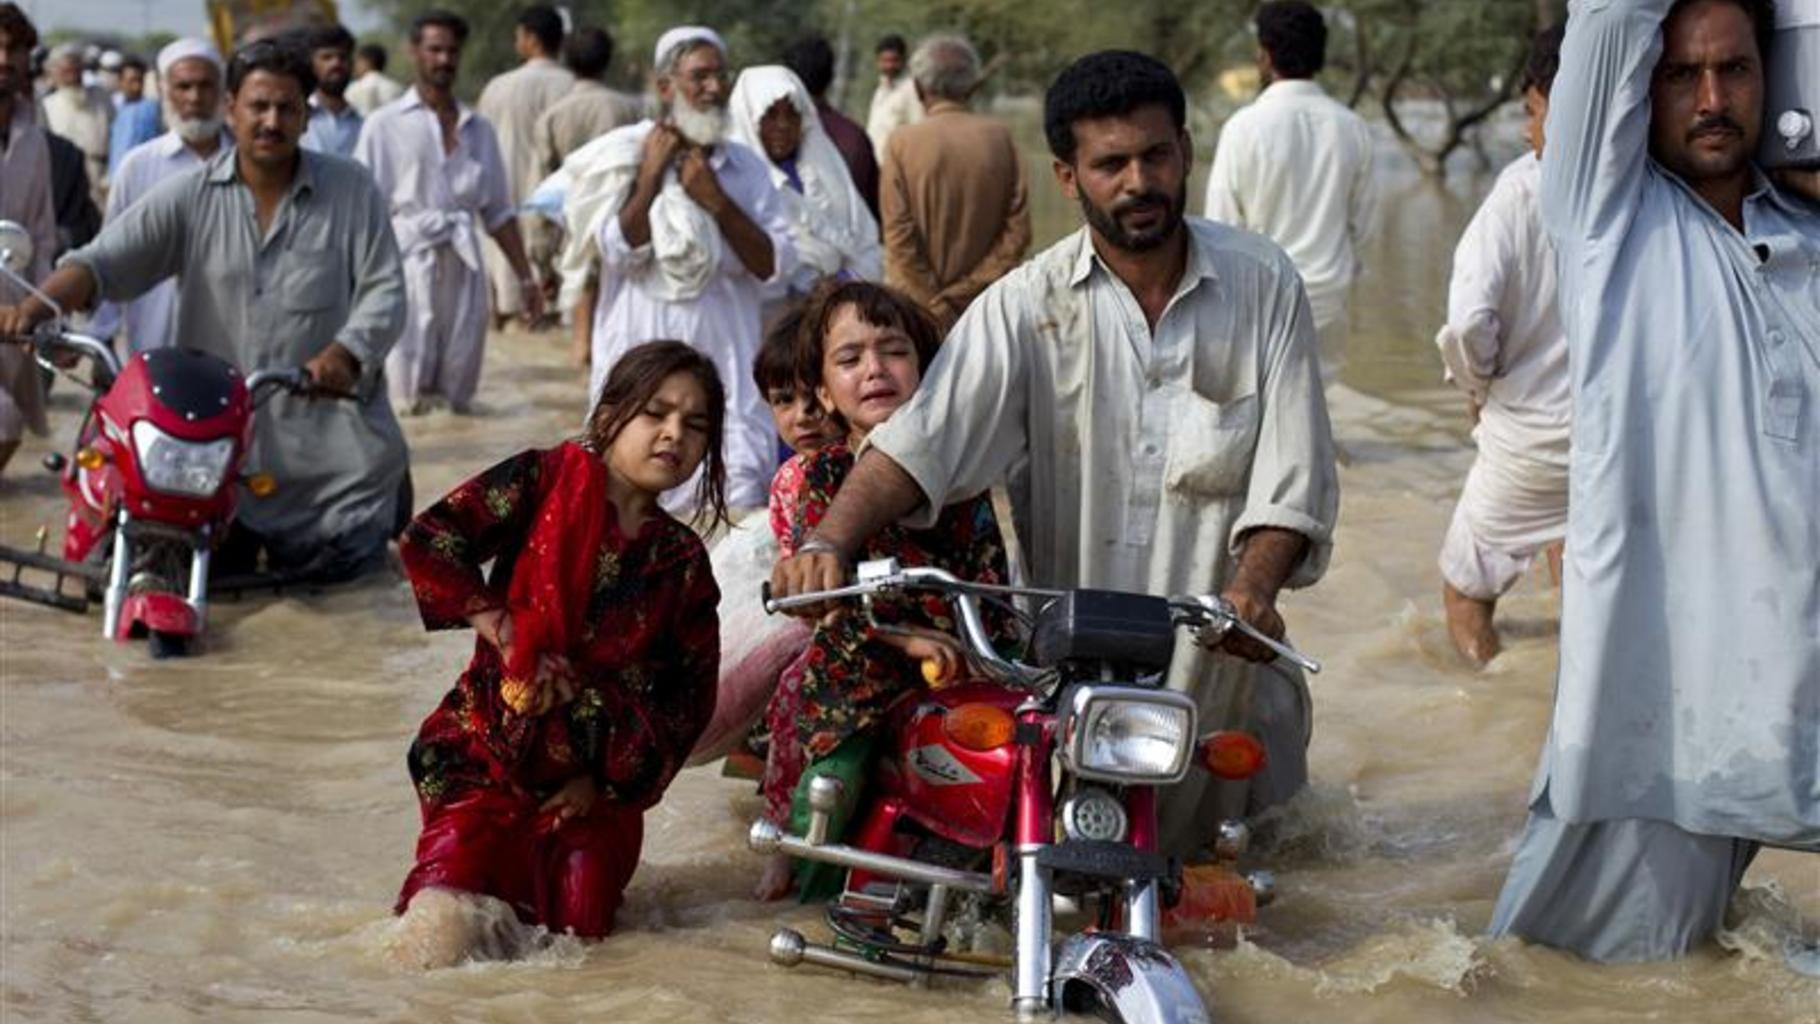 Foto: Ein Mann bringt seine Kinder in Sicherheit.